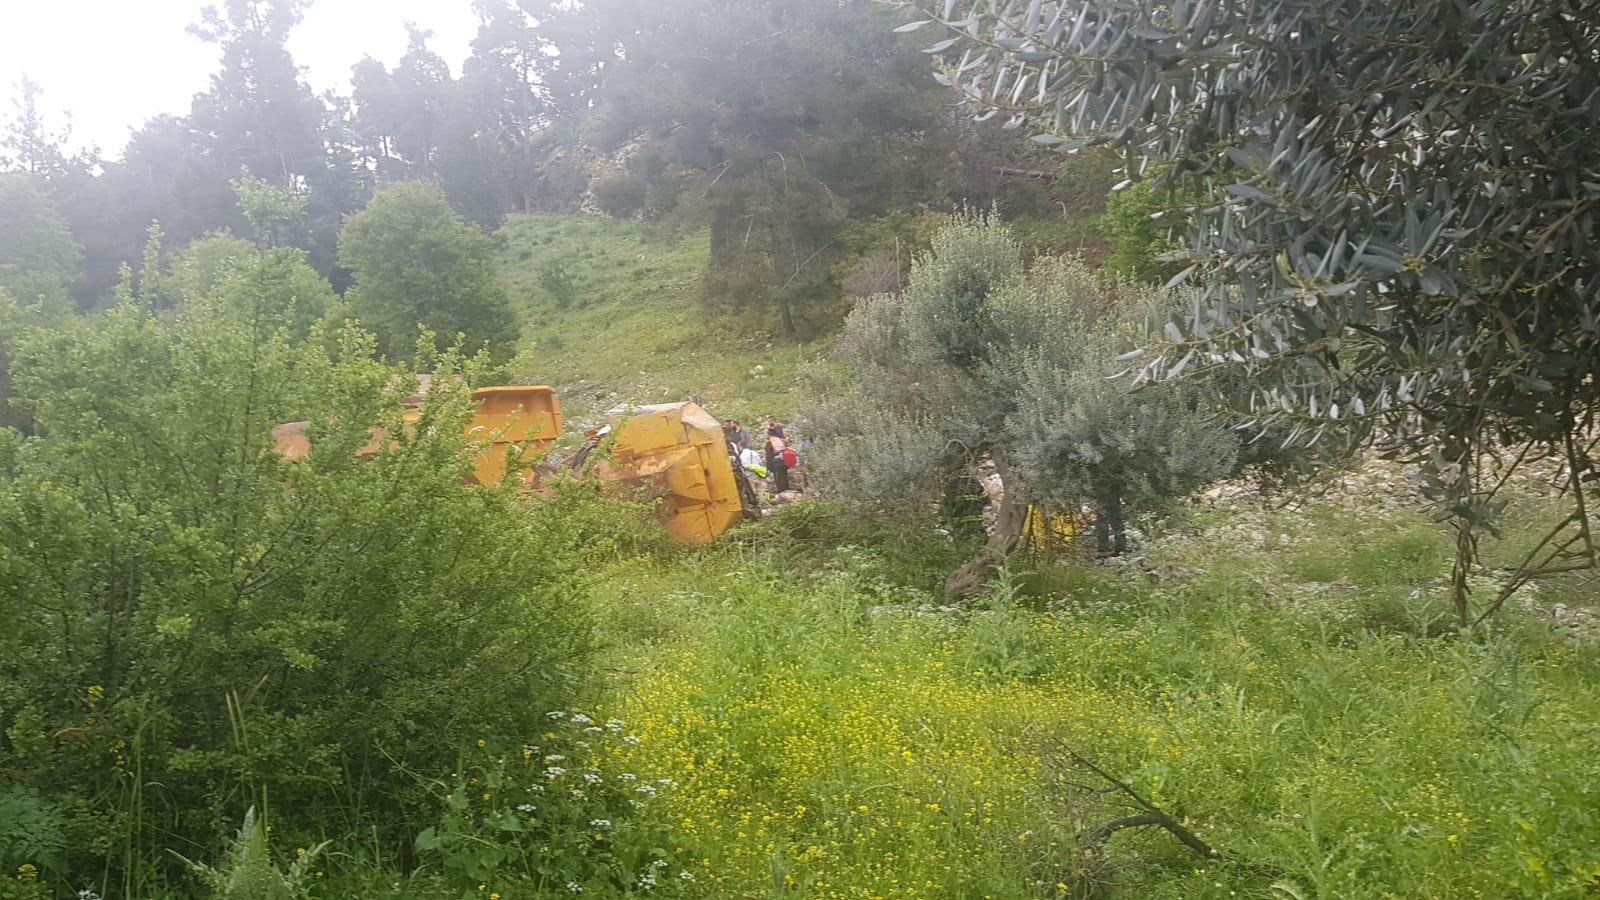 تدهور شاحنة في منحدر قرب صفد ومصرع سائقها